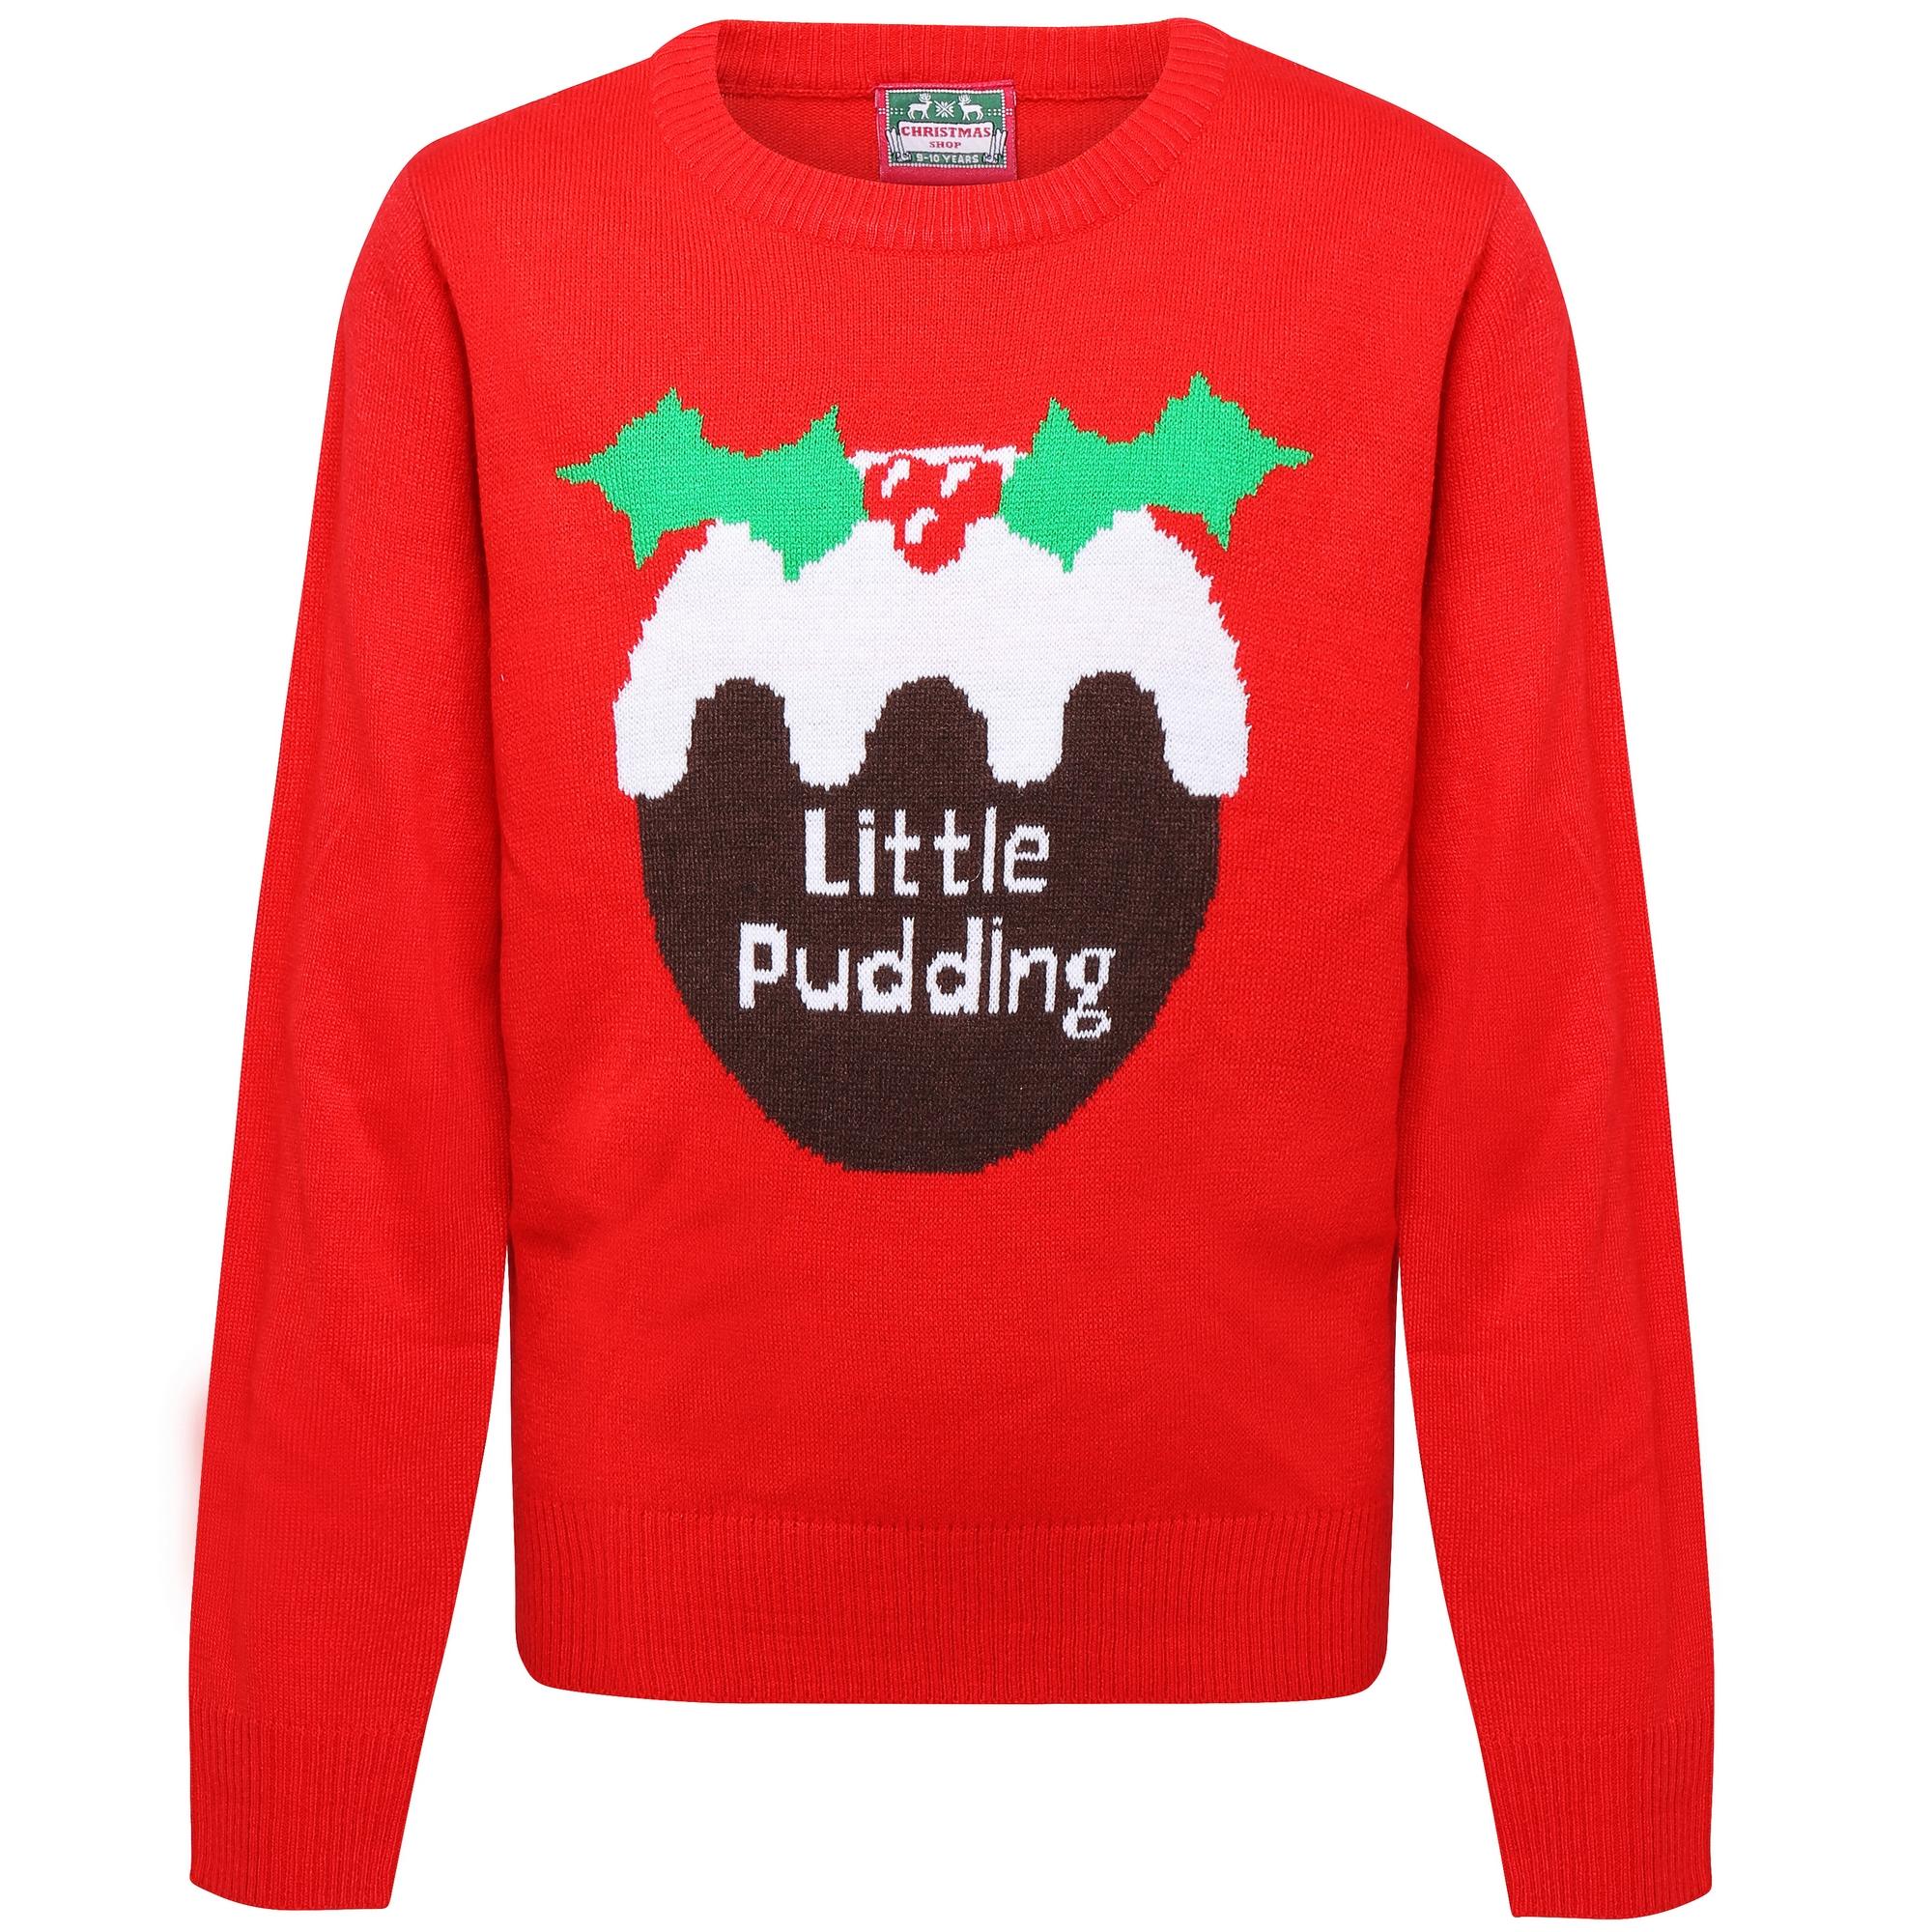 Industrieux Christmas Shop - Pull De Noël Little Pudding - Enfant (lot De 2) (rw6864)